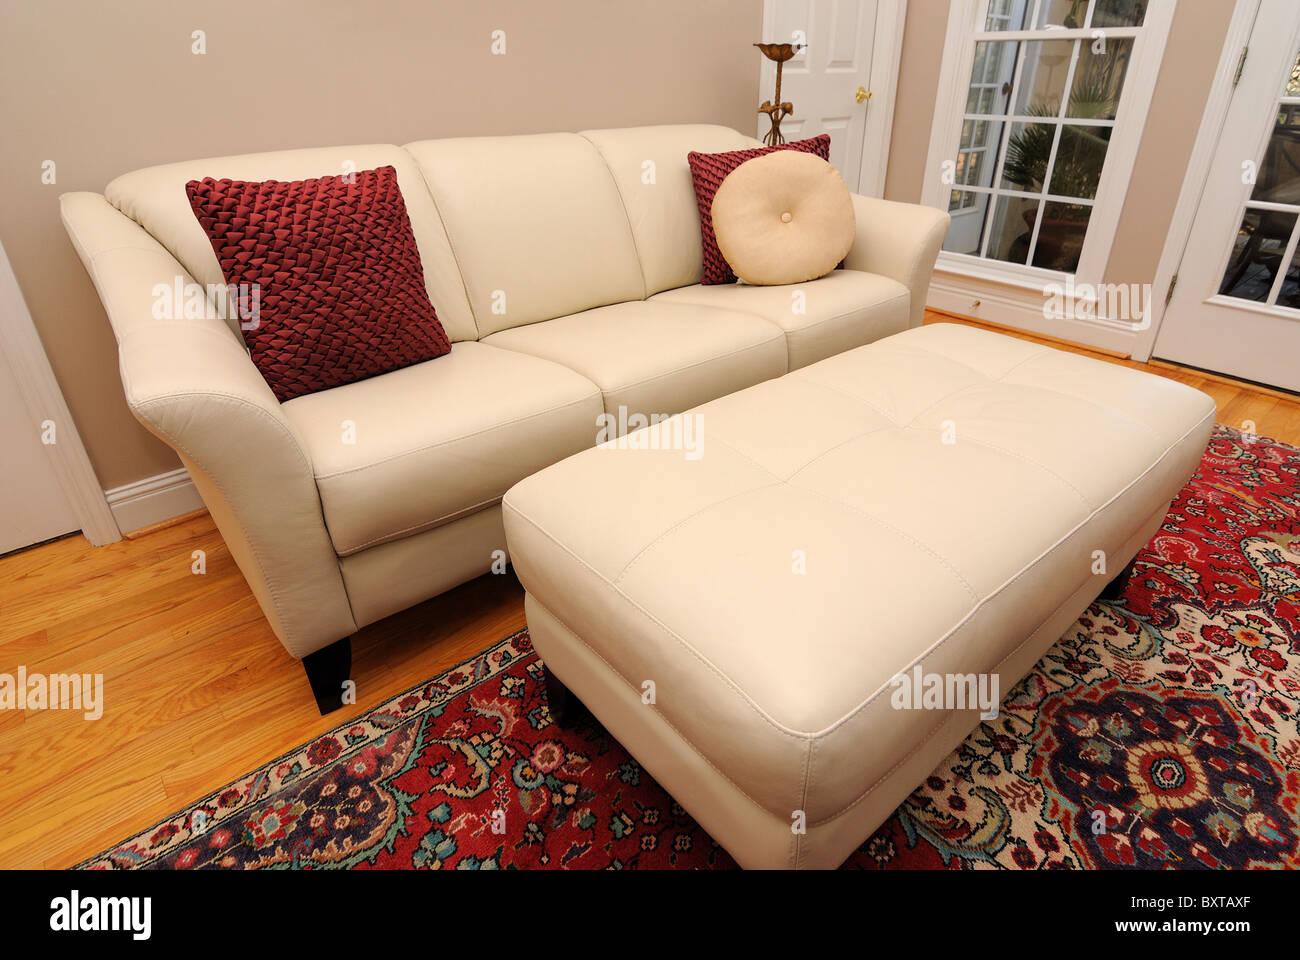 Intérieur salon contemporain avec un canapé. Photo Stock